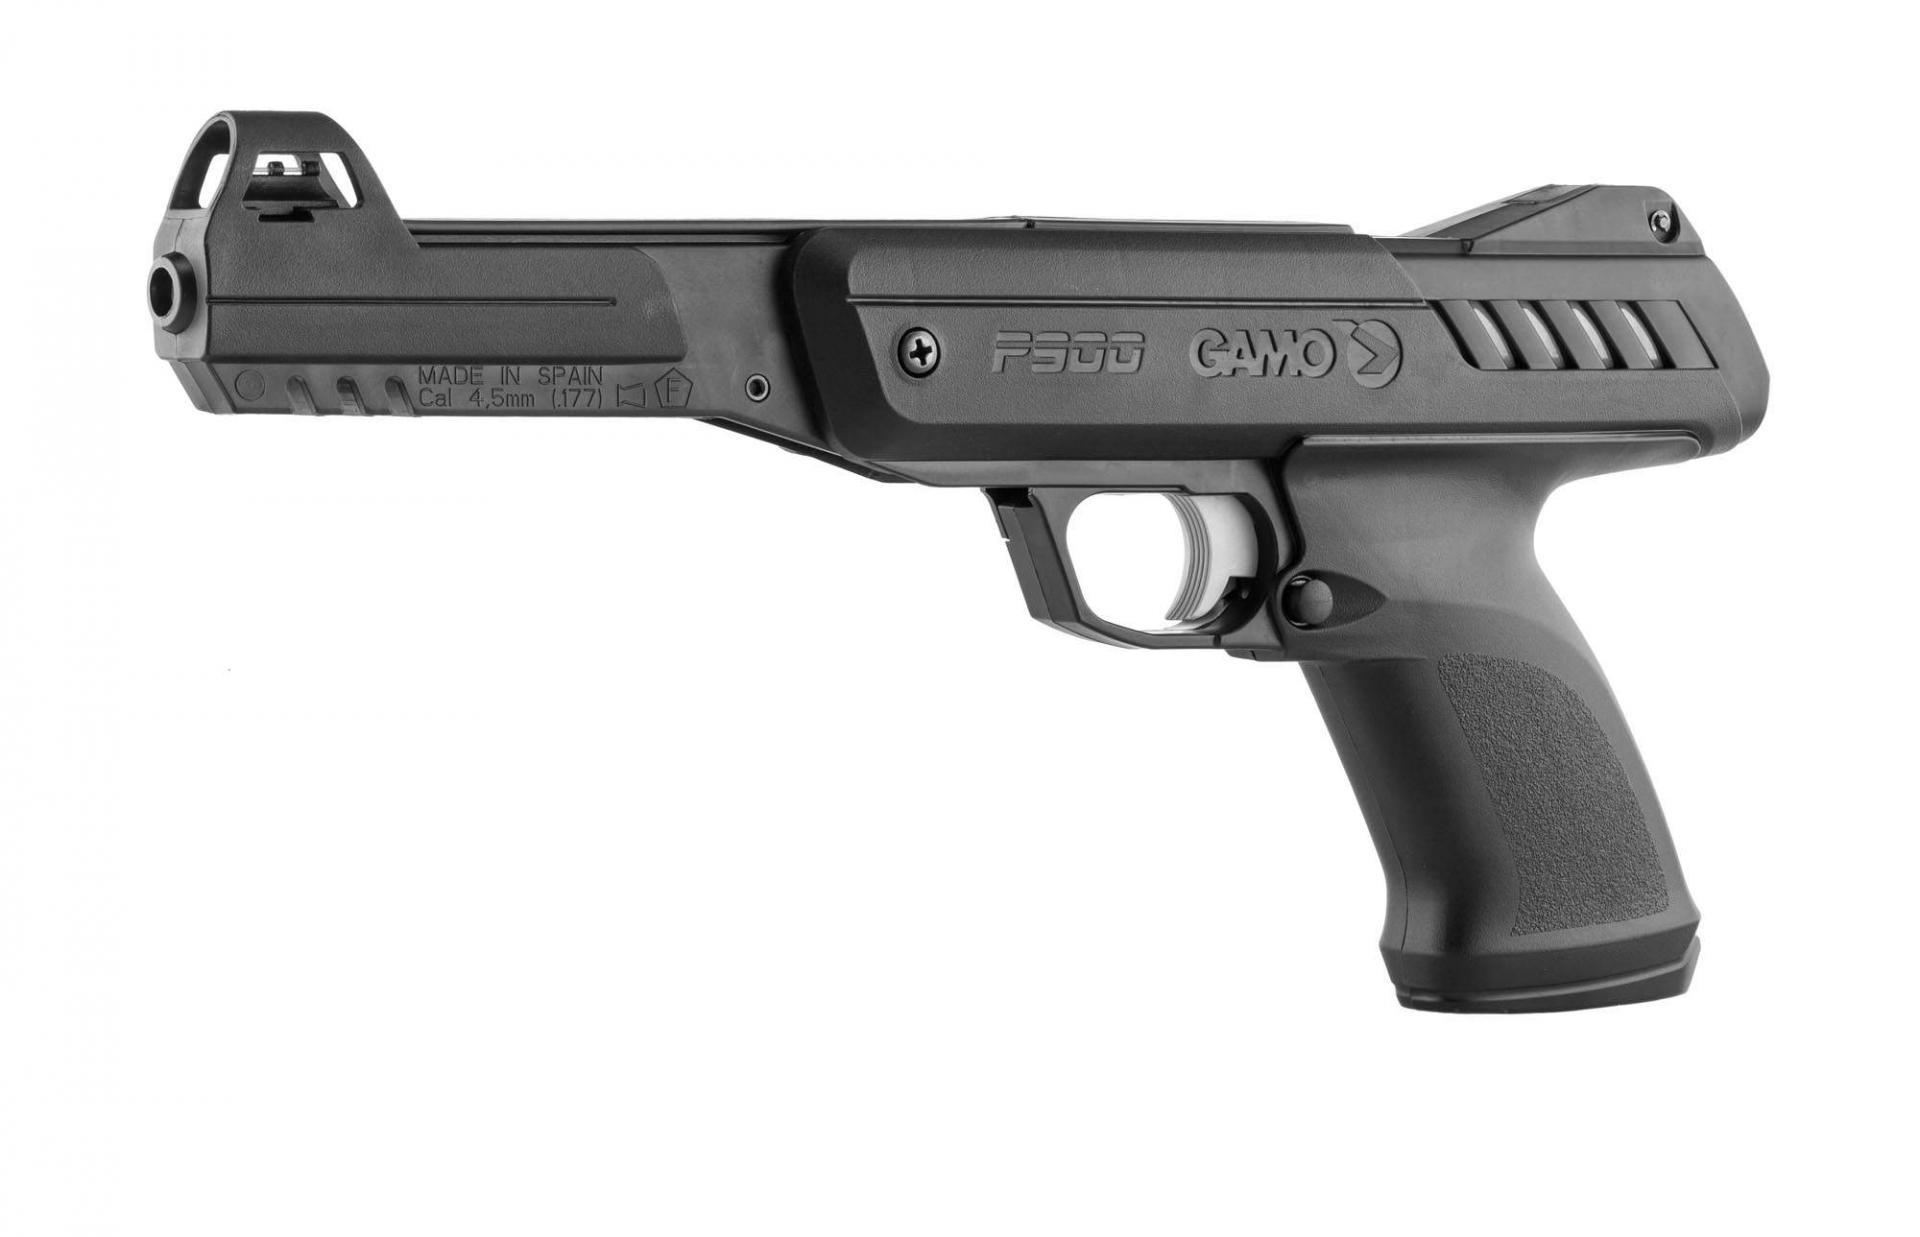 Pistolet GAMO P-900